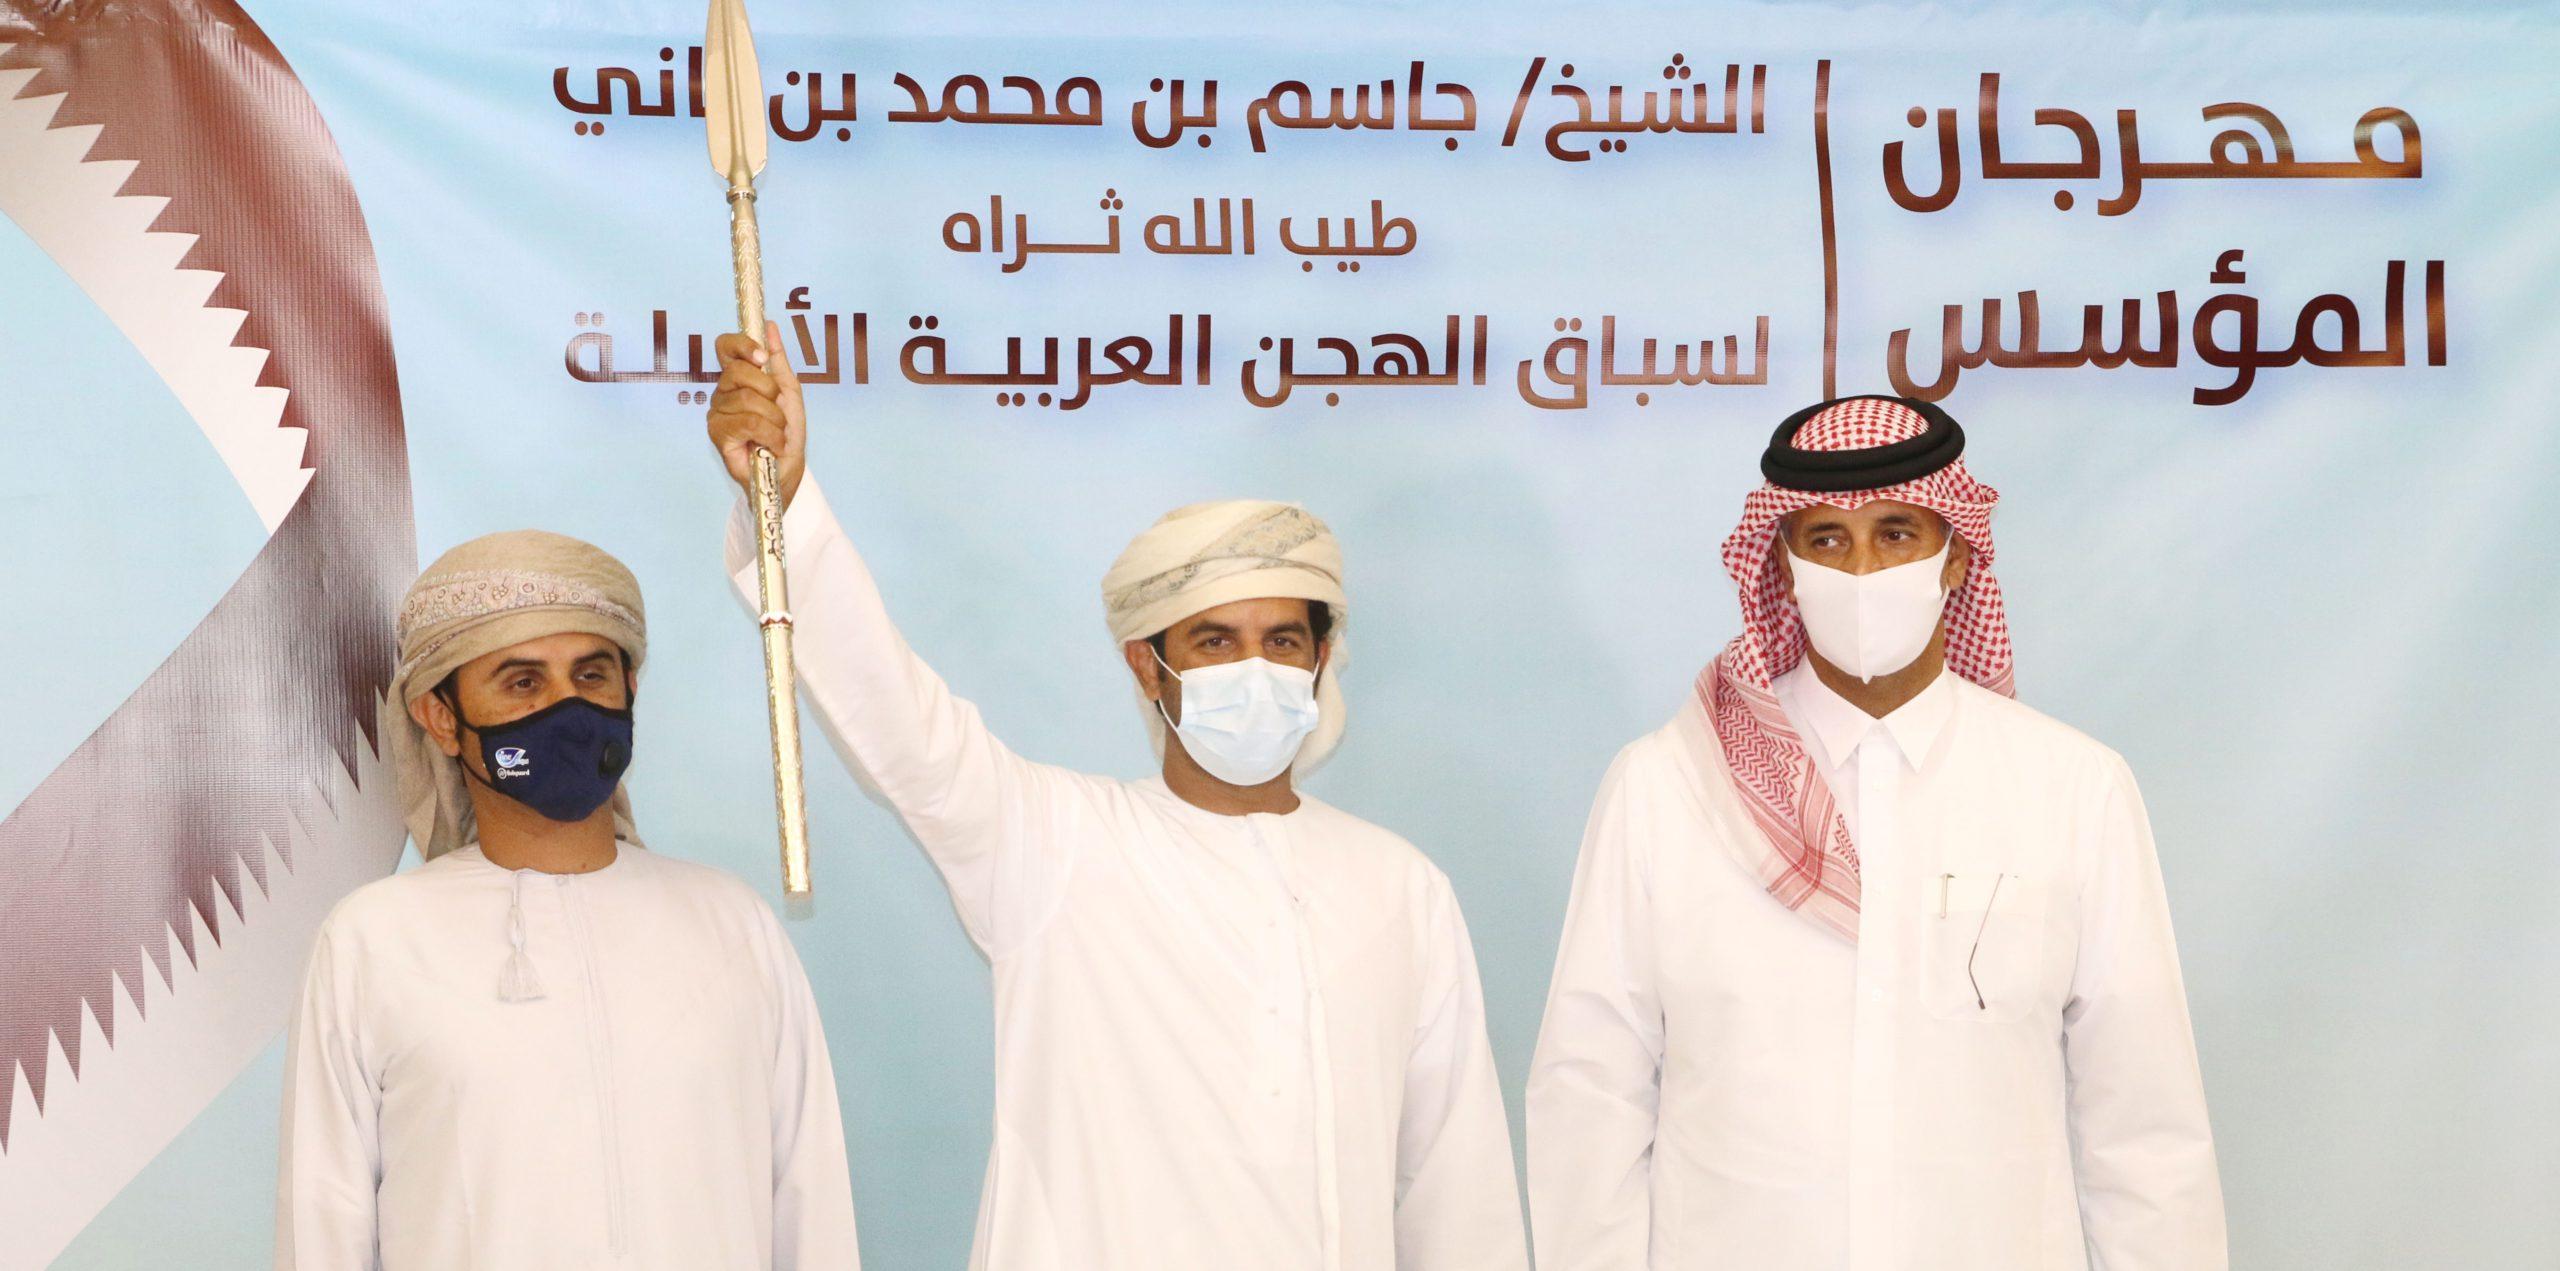 """المدهوشي: راهنا على """"مزون"""" في شوط المفتوح.. ونهدي إنجازها لكل أهل السلطنة"""